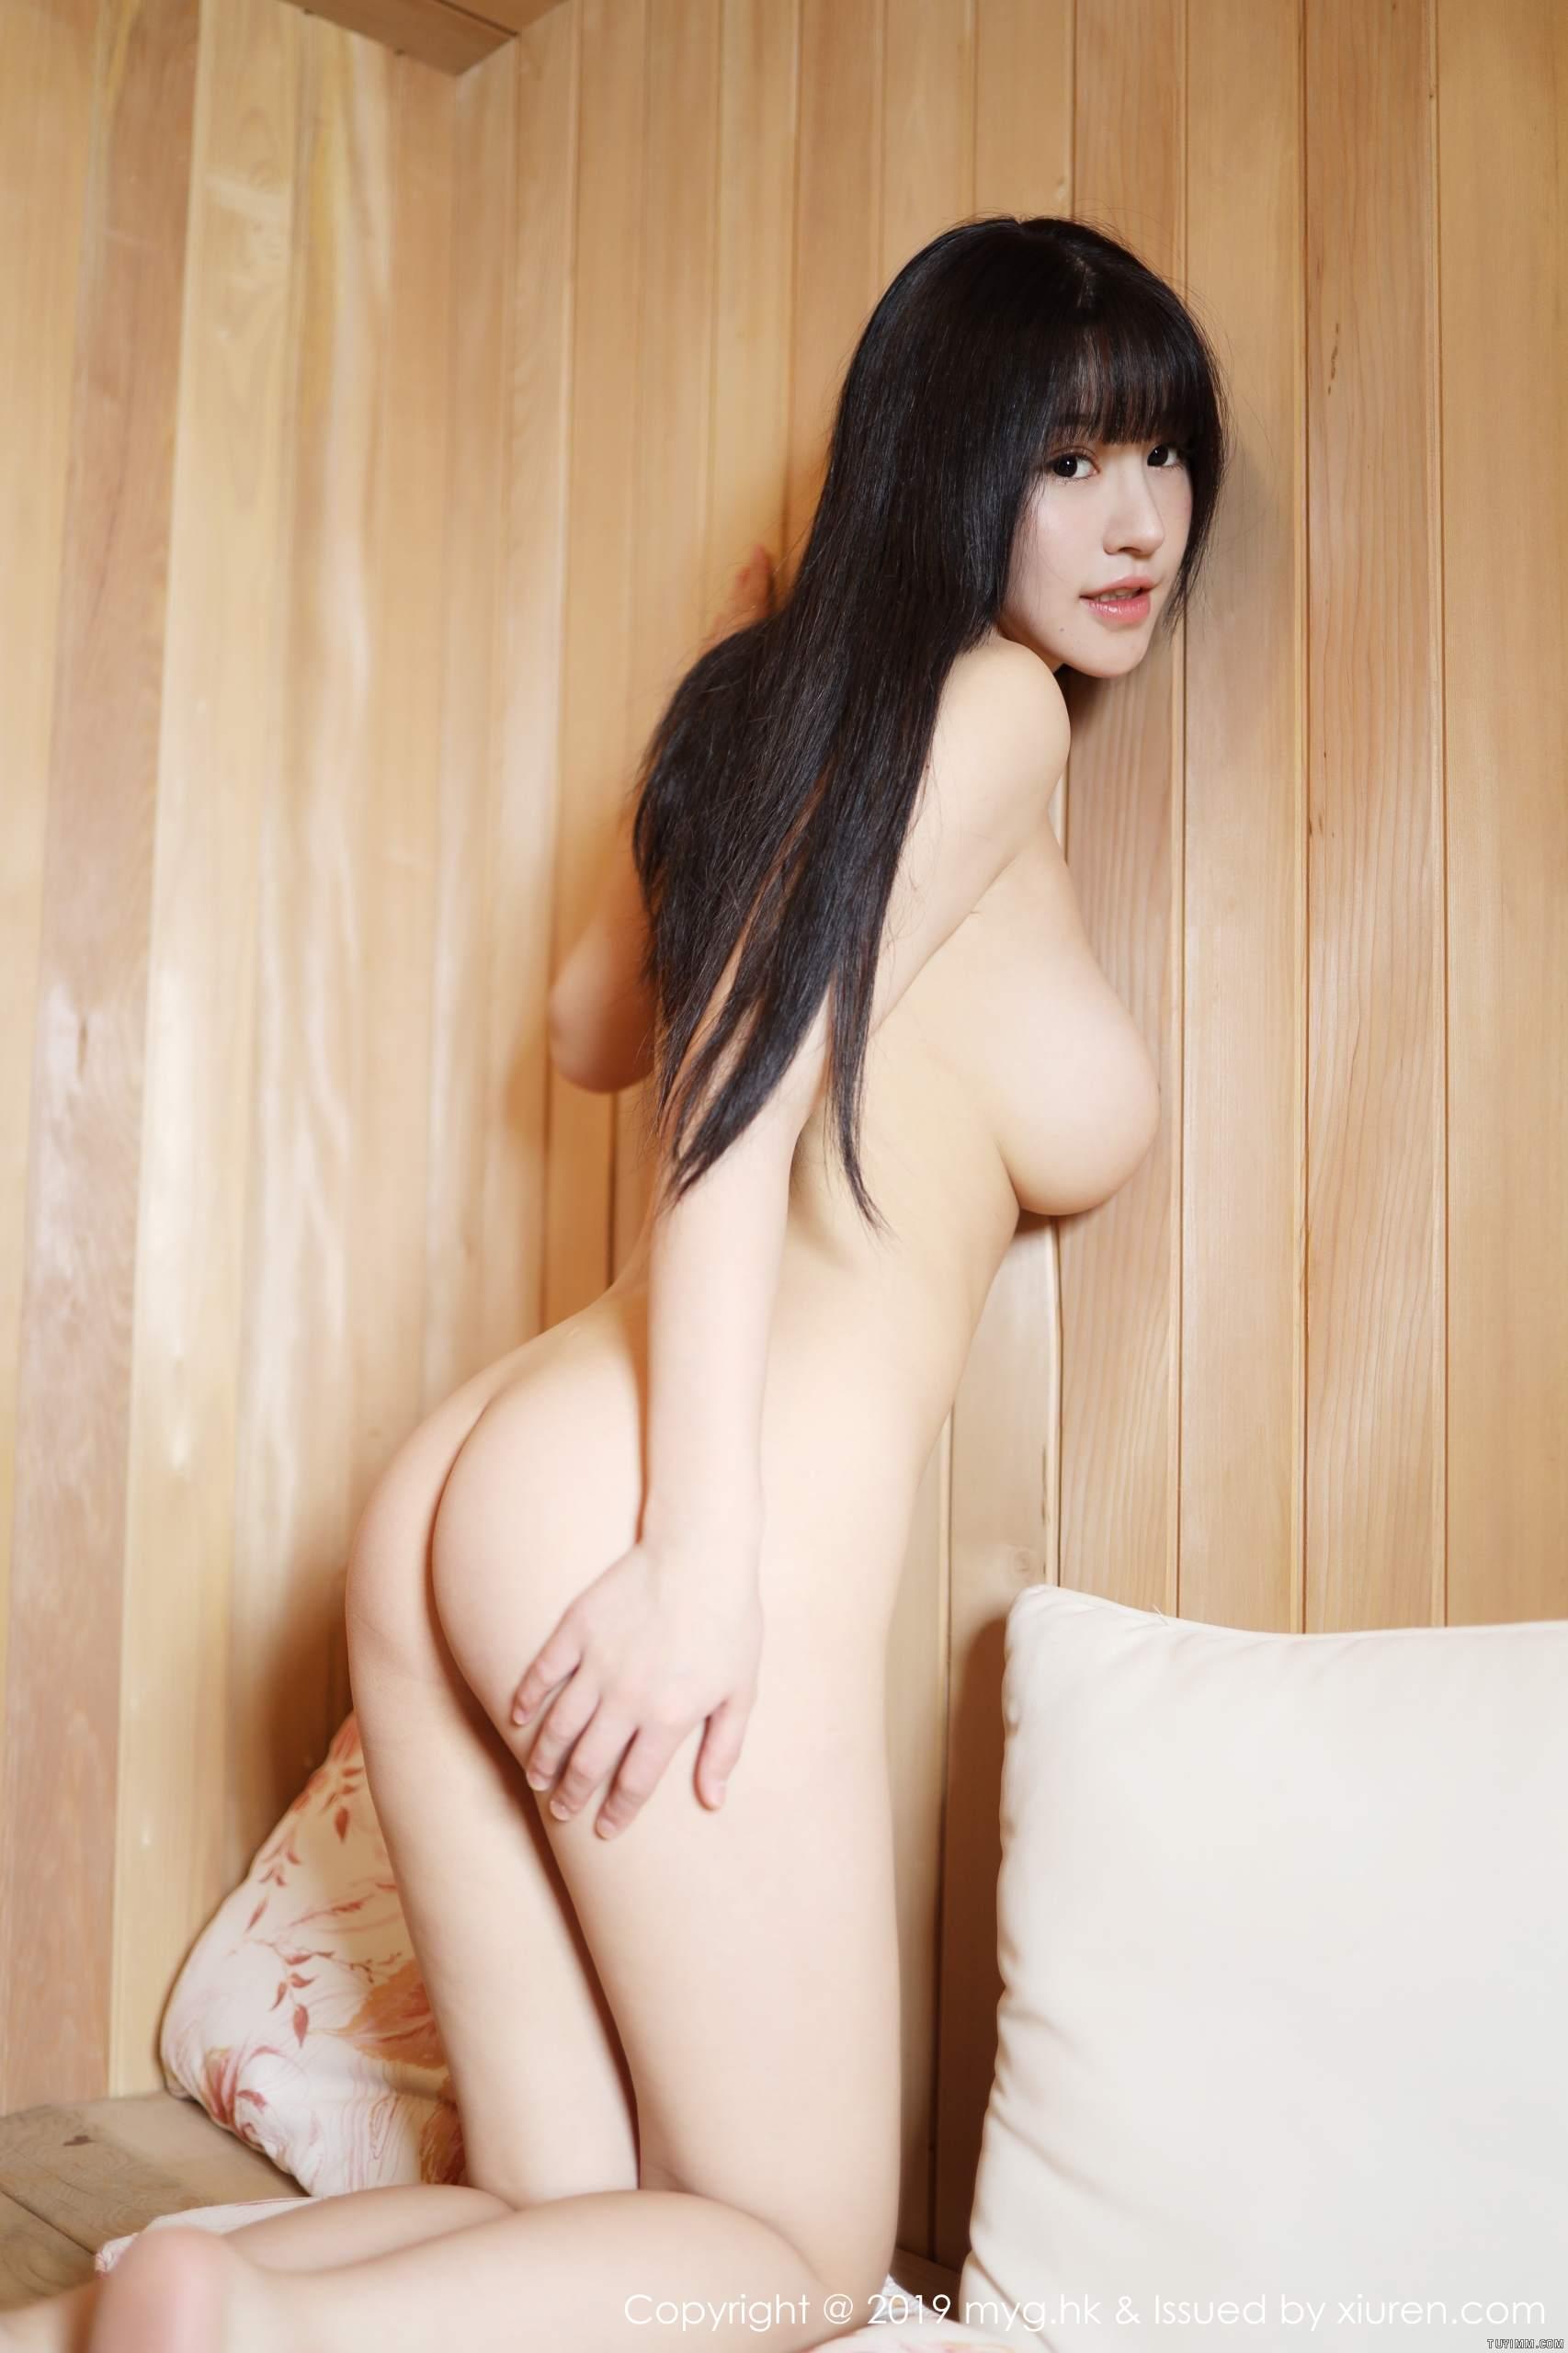 [福利]齐逼露点的豪放美女吸睛爆乳魔鬼身材性感美女-第38张图片-哔哔娱乐网